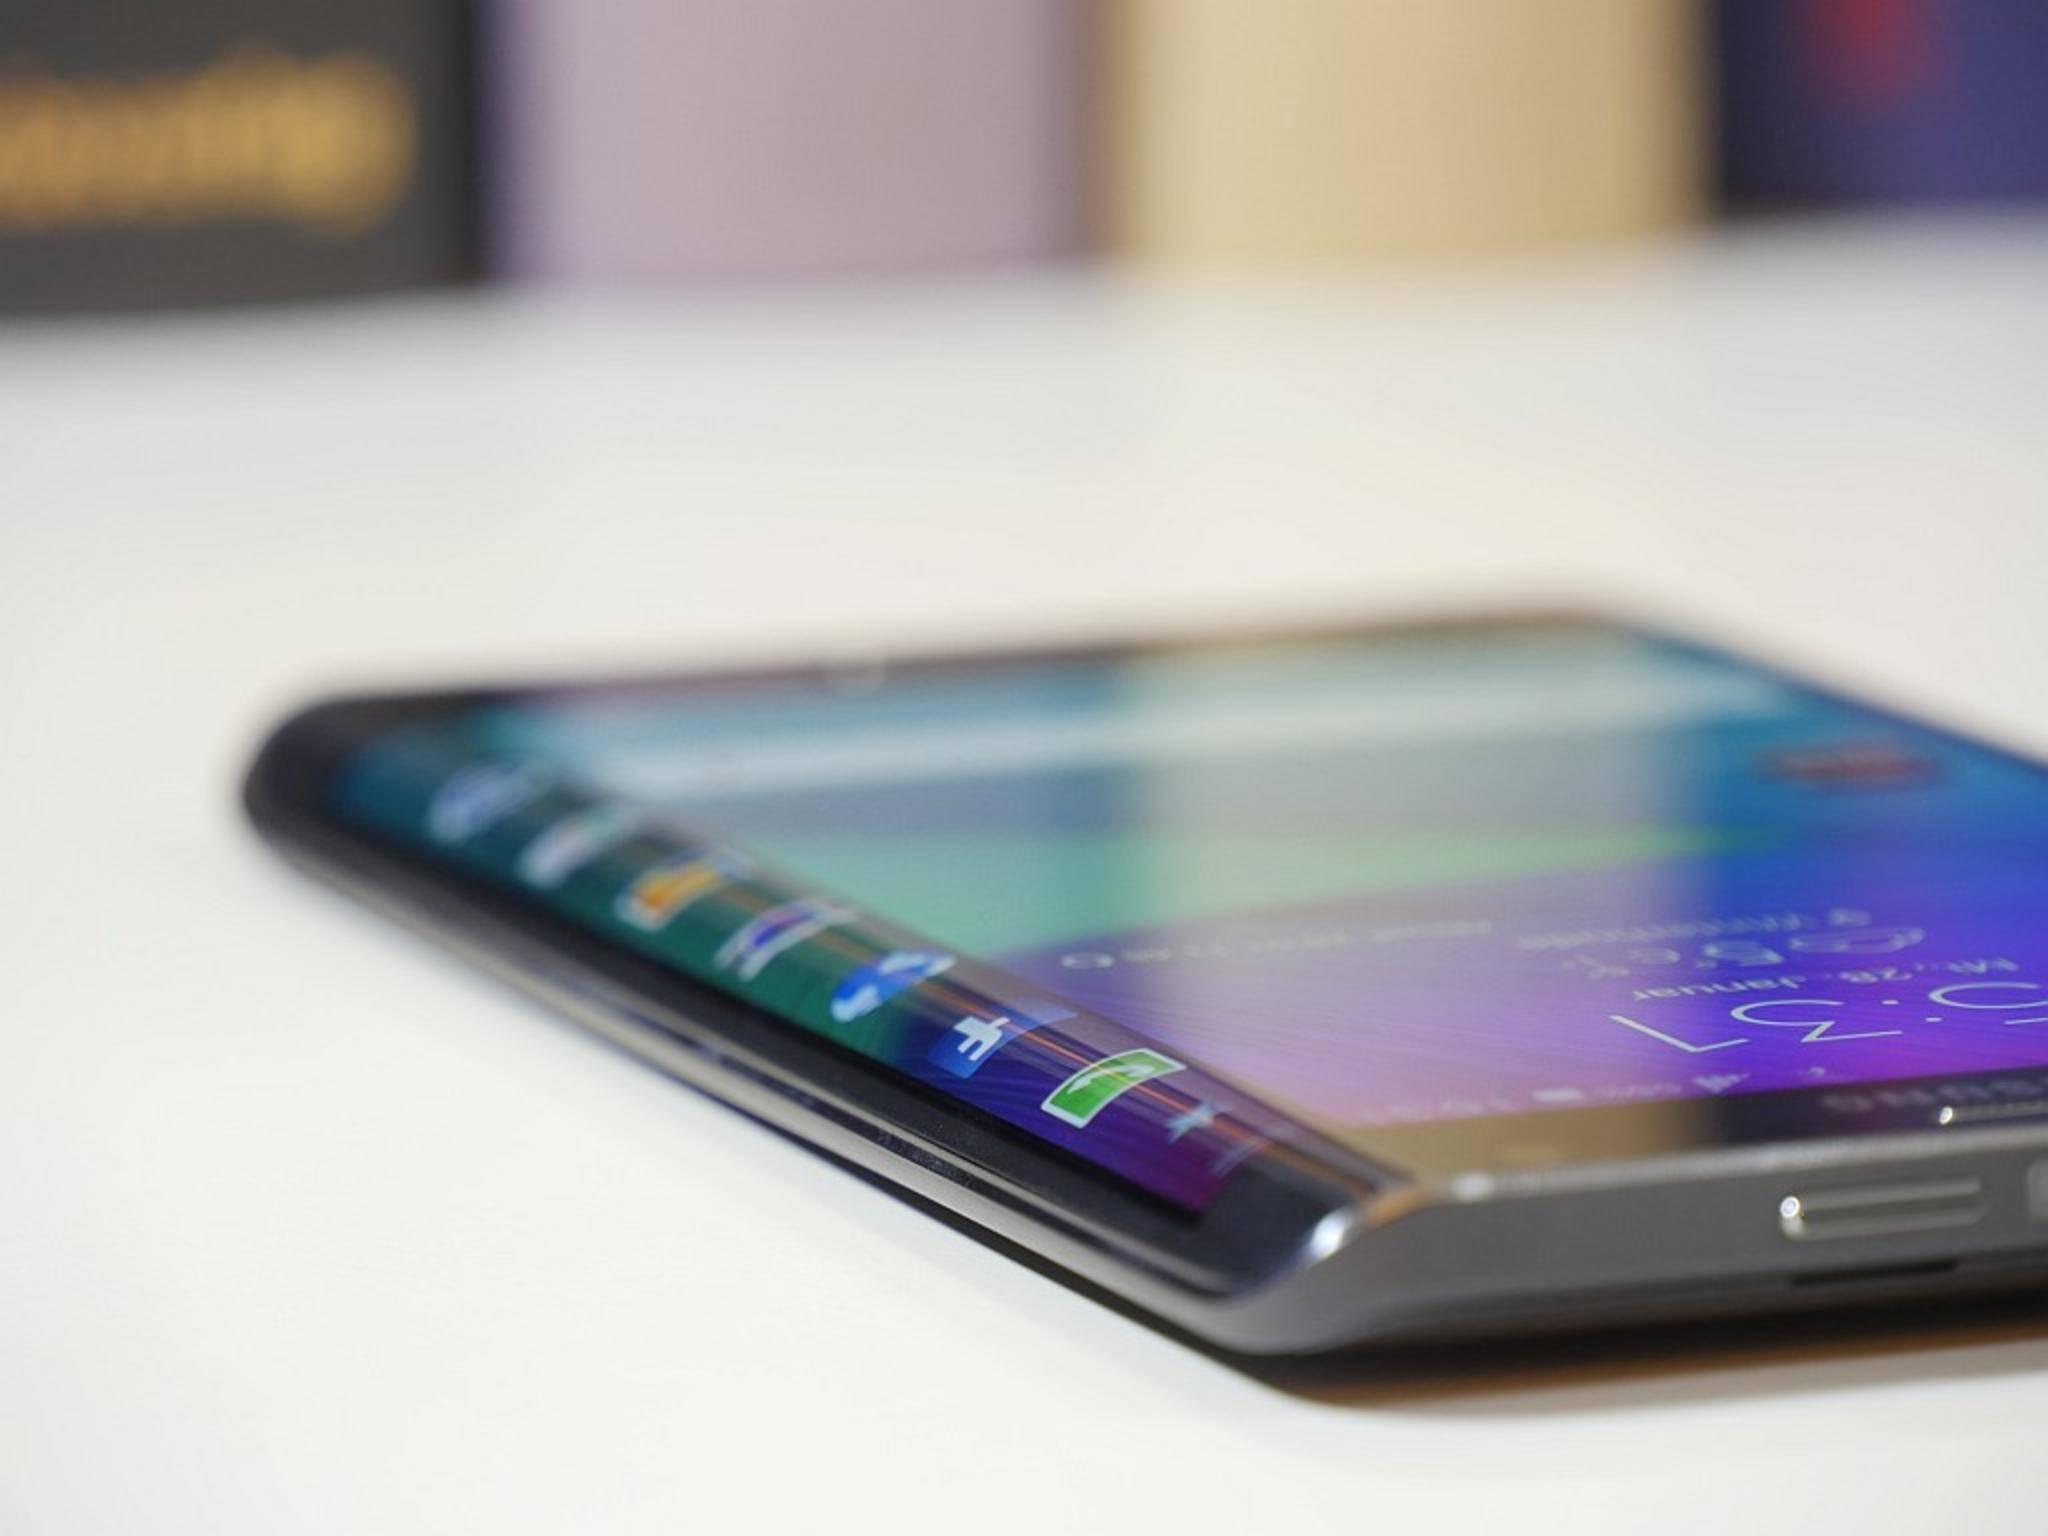 Ist jetzt das erste Bauteil für das Galaxy Note 7 Edge aufgetaucht?